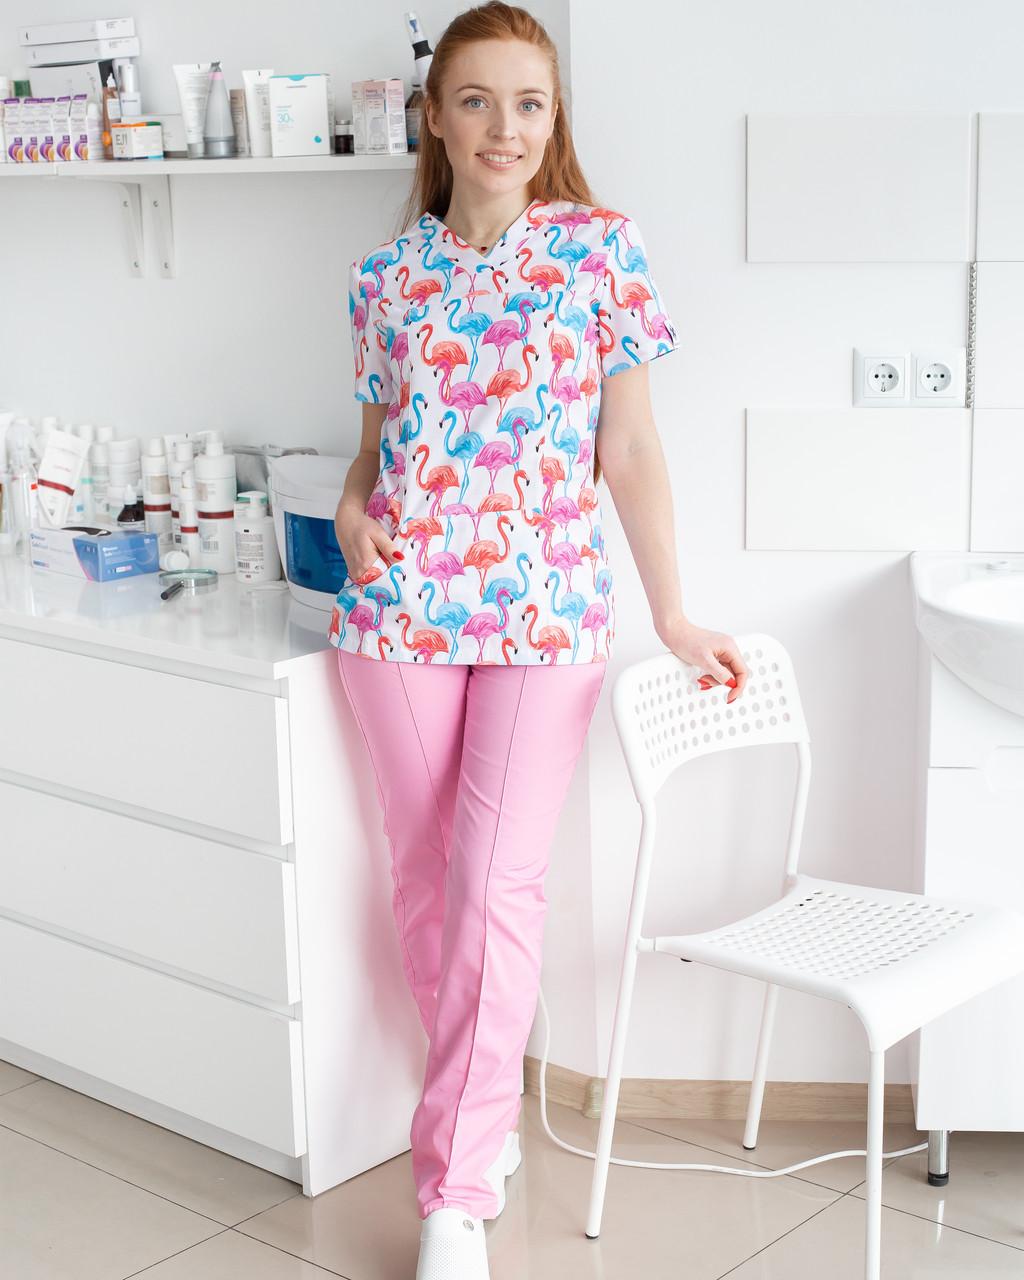 Медицинский женский костюм Топаз принт Фламинго цветные